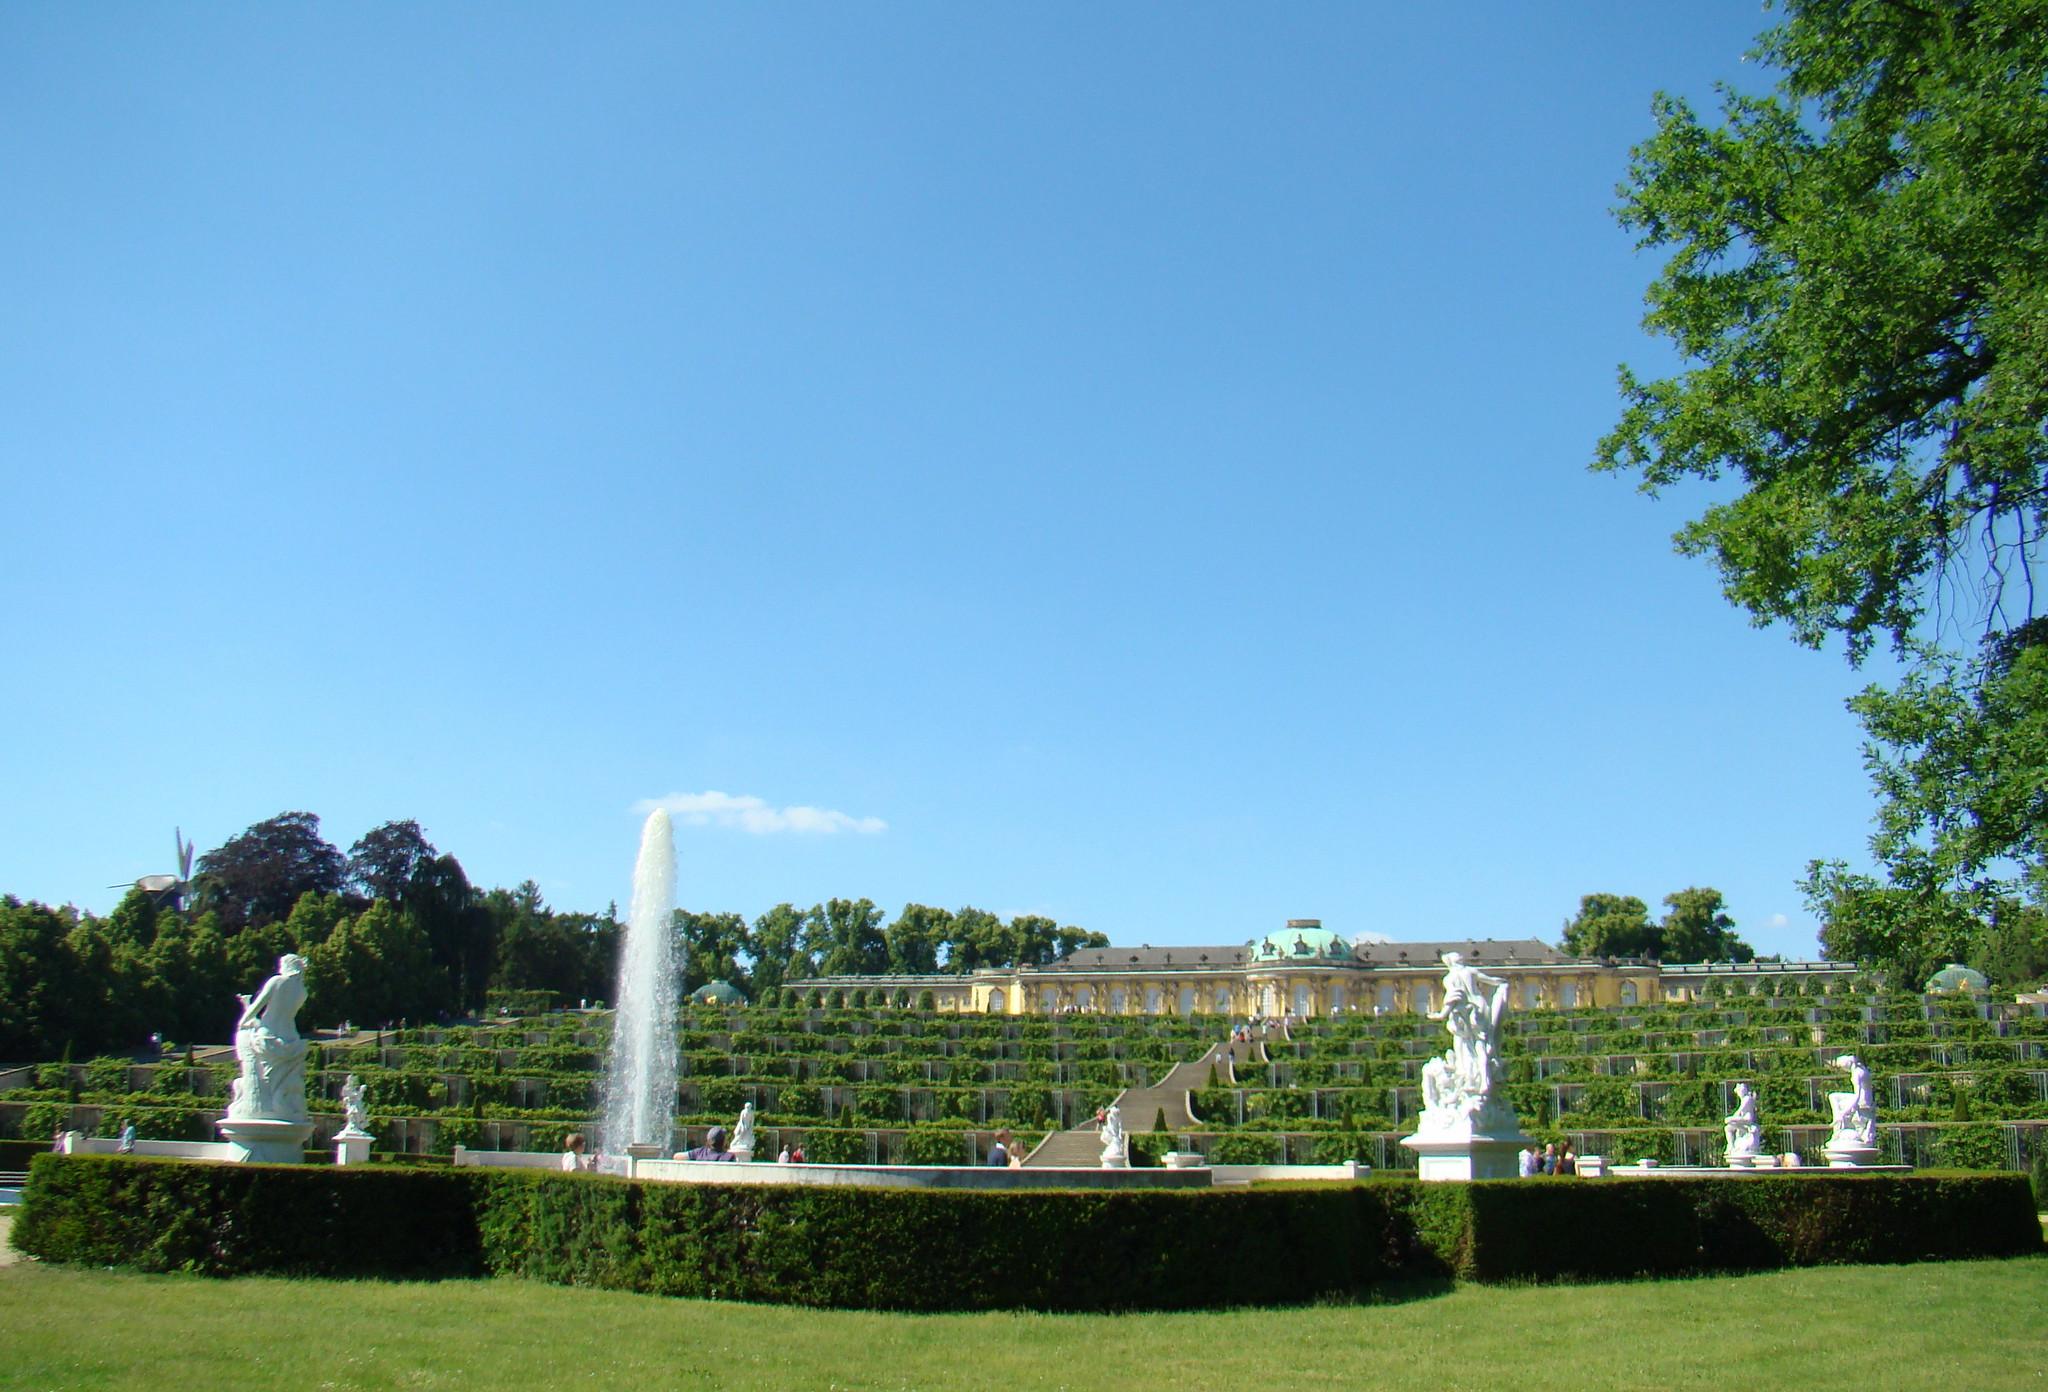 gran fuente viñedos Jardines y Palacio Sanssouci Potsdam Alemania